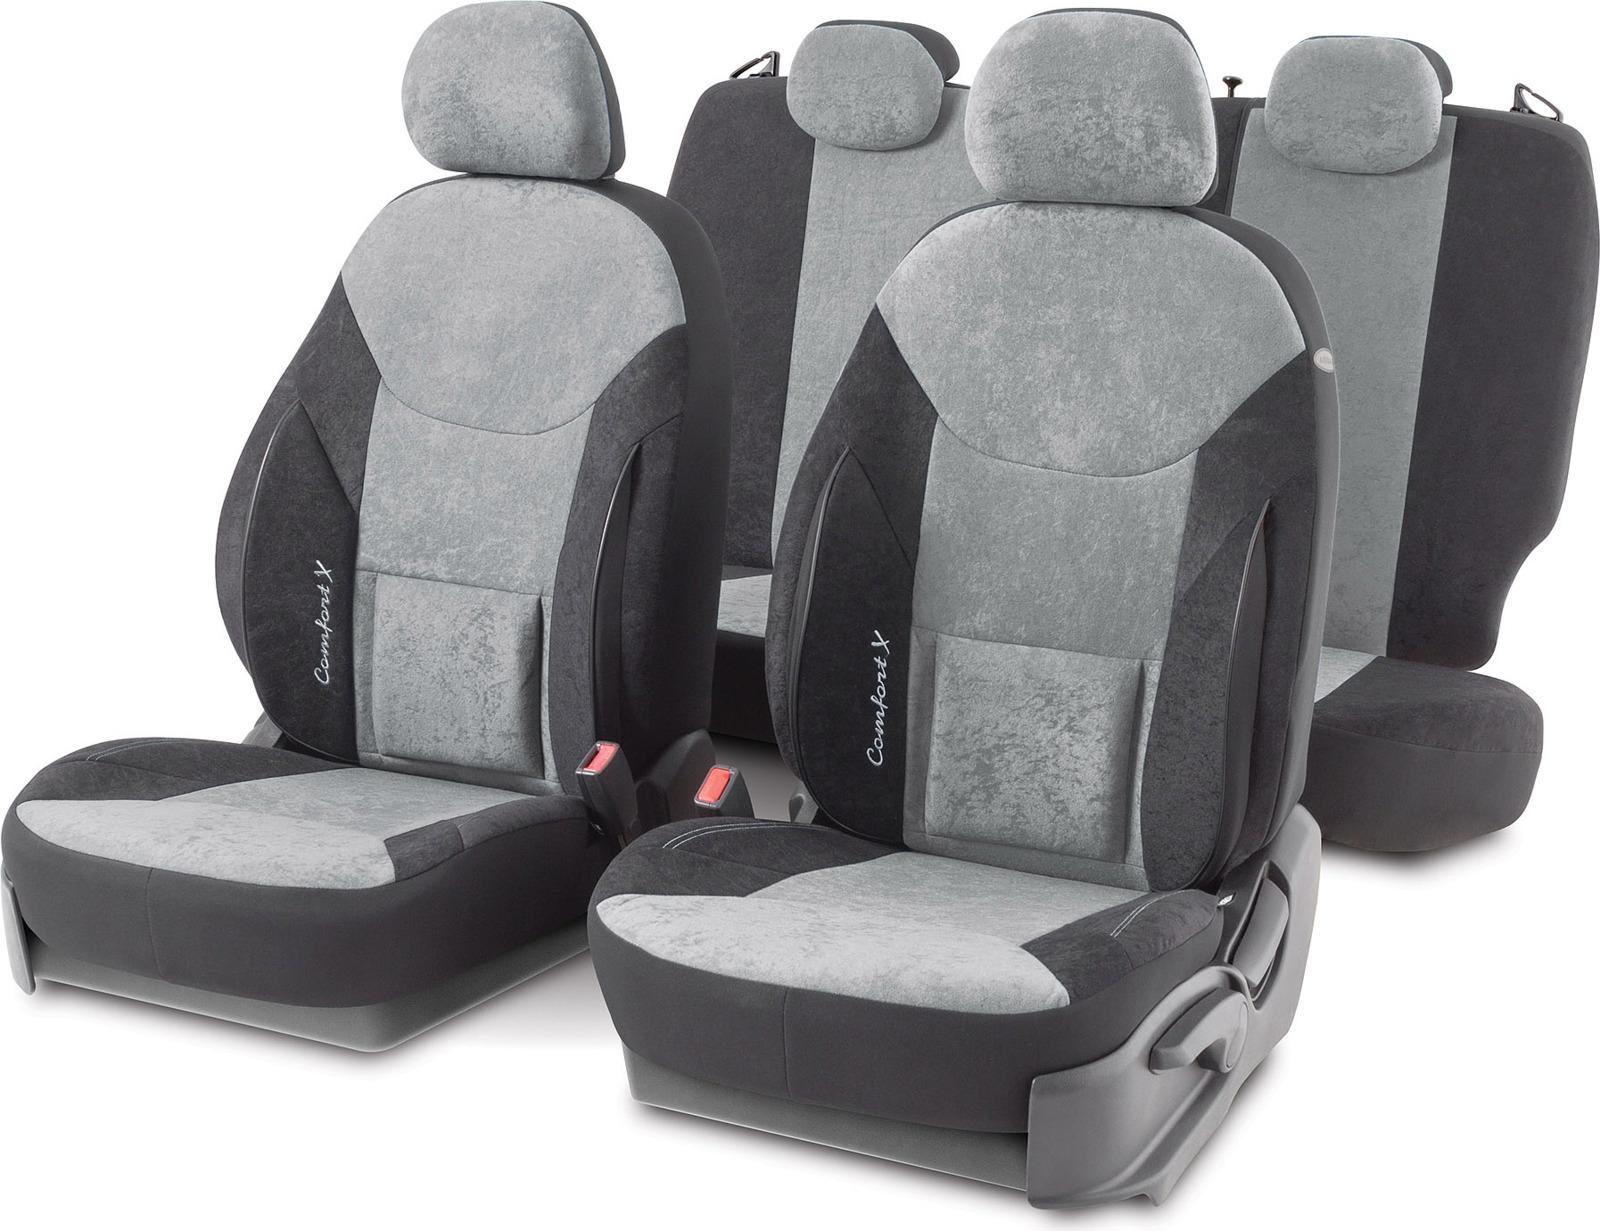 Авточехлы Autoprofi Comfort X, цвет: черный, темно-серый, 15 предметов. COM-1505VF BK/D.GY